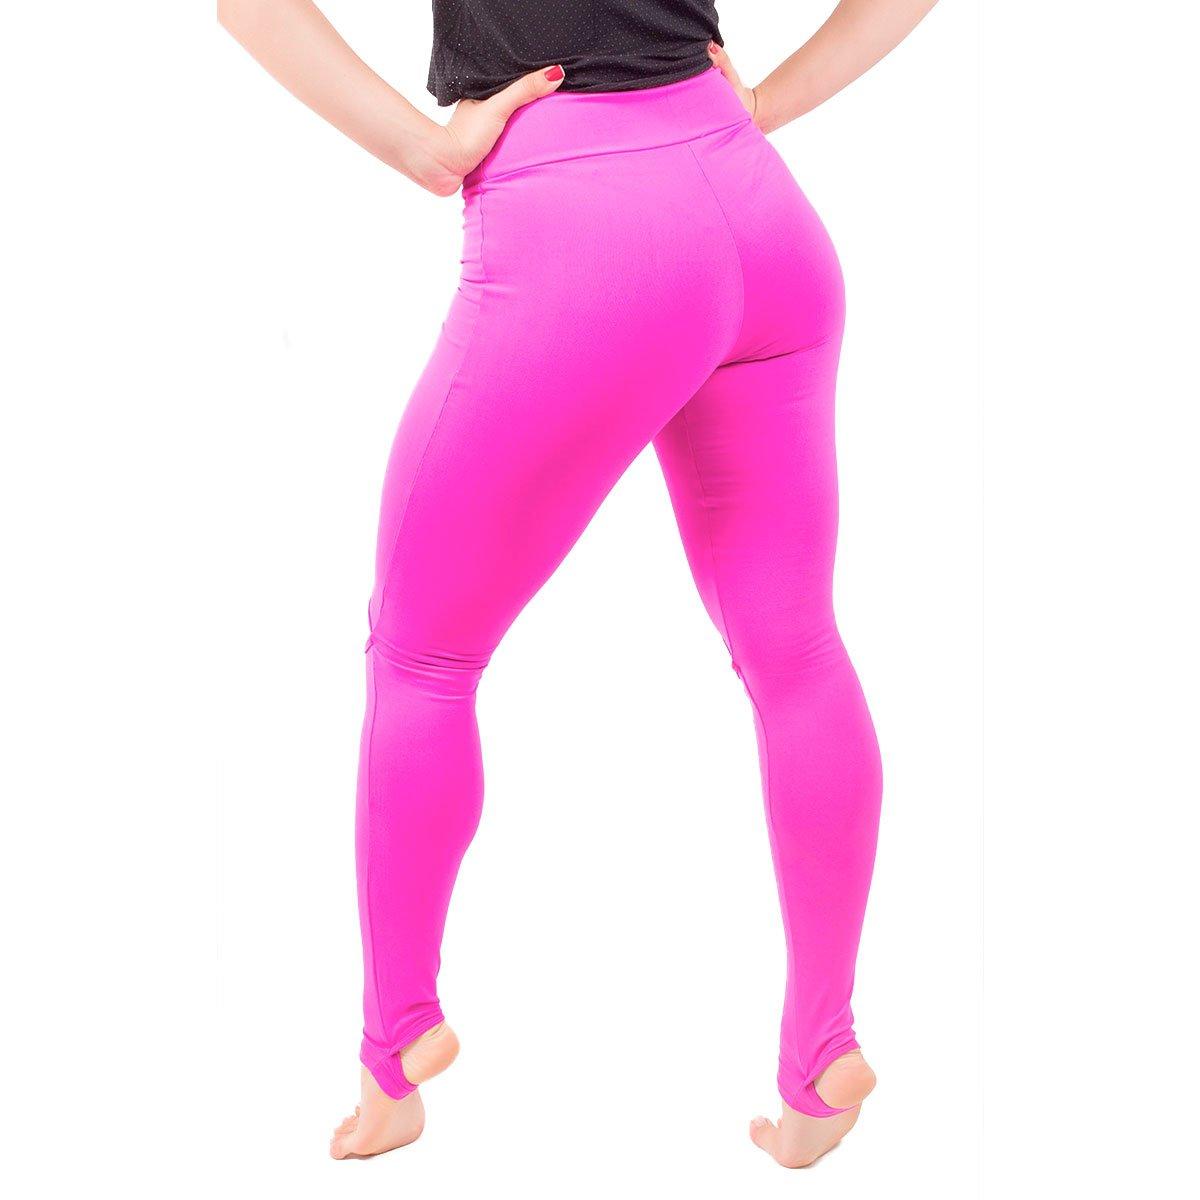 no Calça Calça Com Com Feminina Joelho Rasgo Pink Feminina Rasgo no qwn8PSCxx